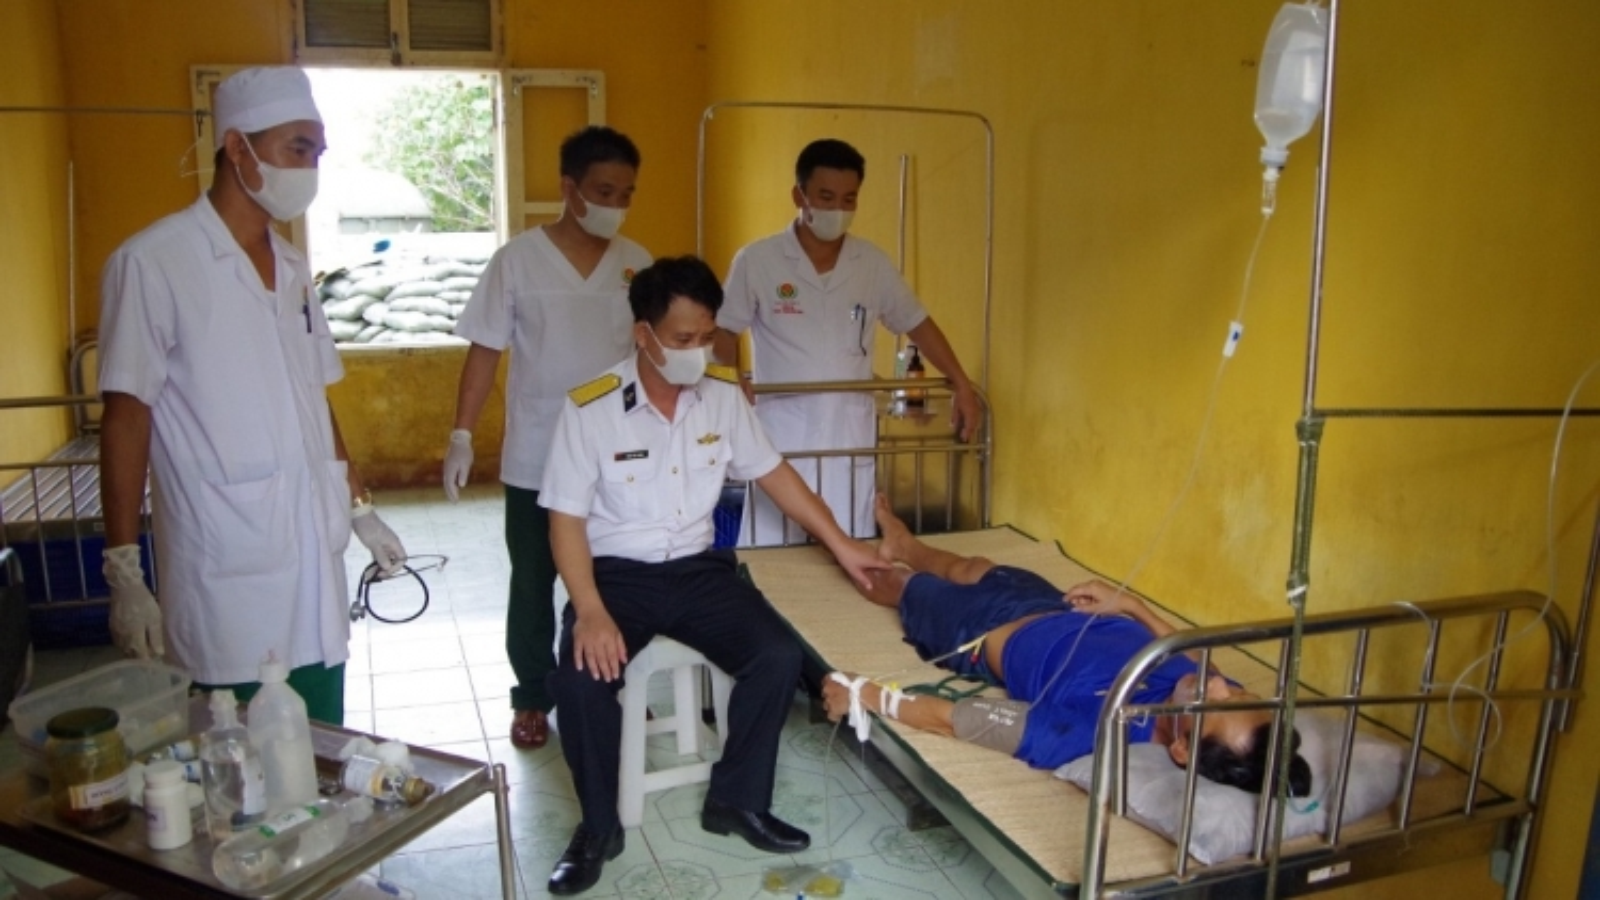 Quân y đảo Phan Vinh kịp thời cấp cứu ngư dân bị khó thở